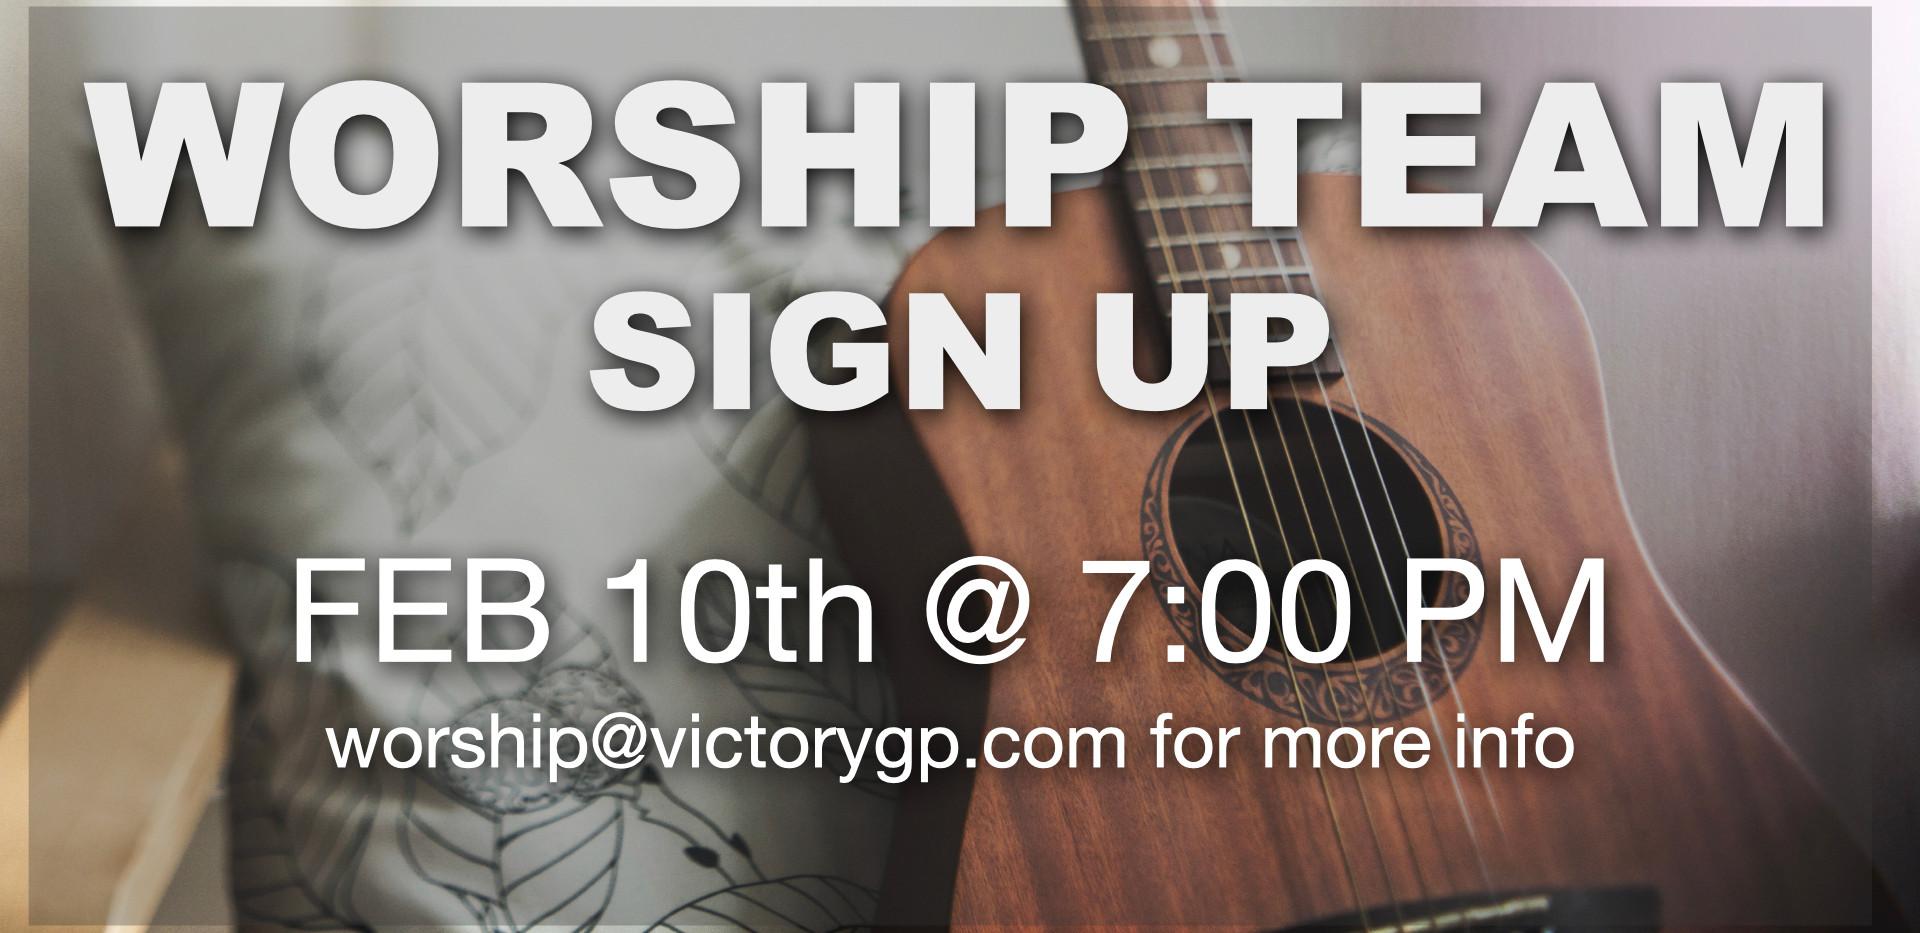 worship sign up.jpeg